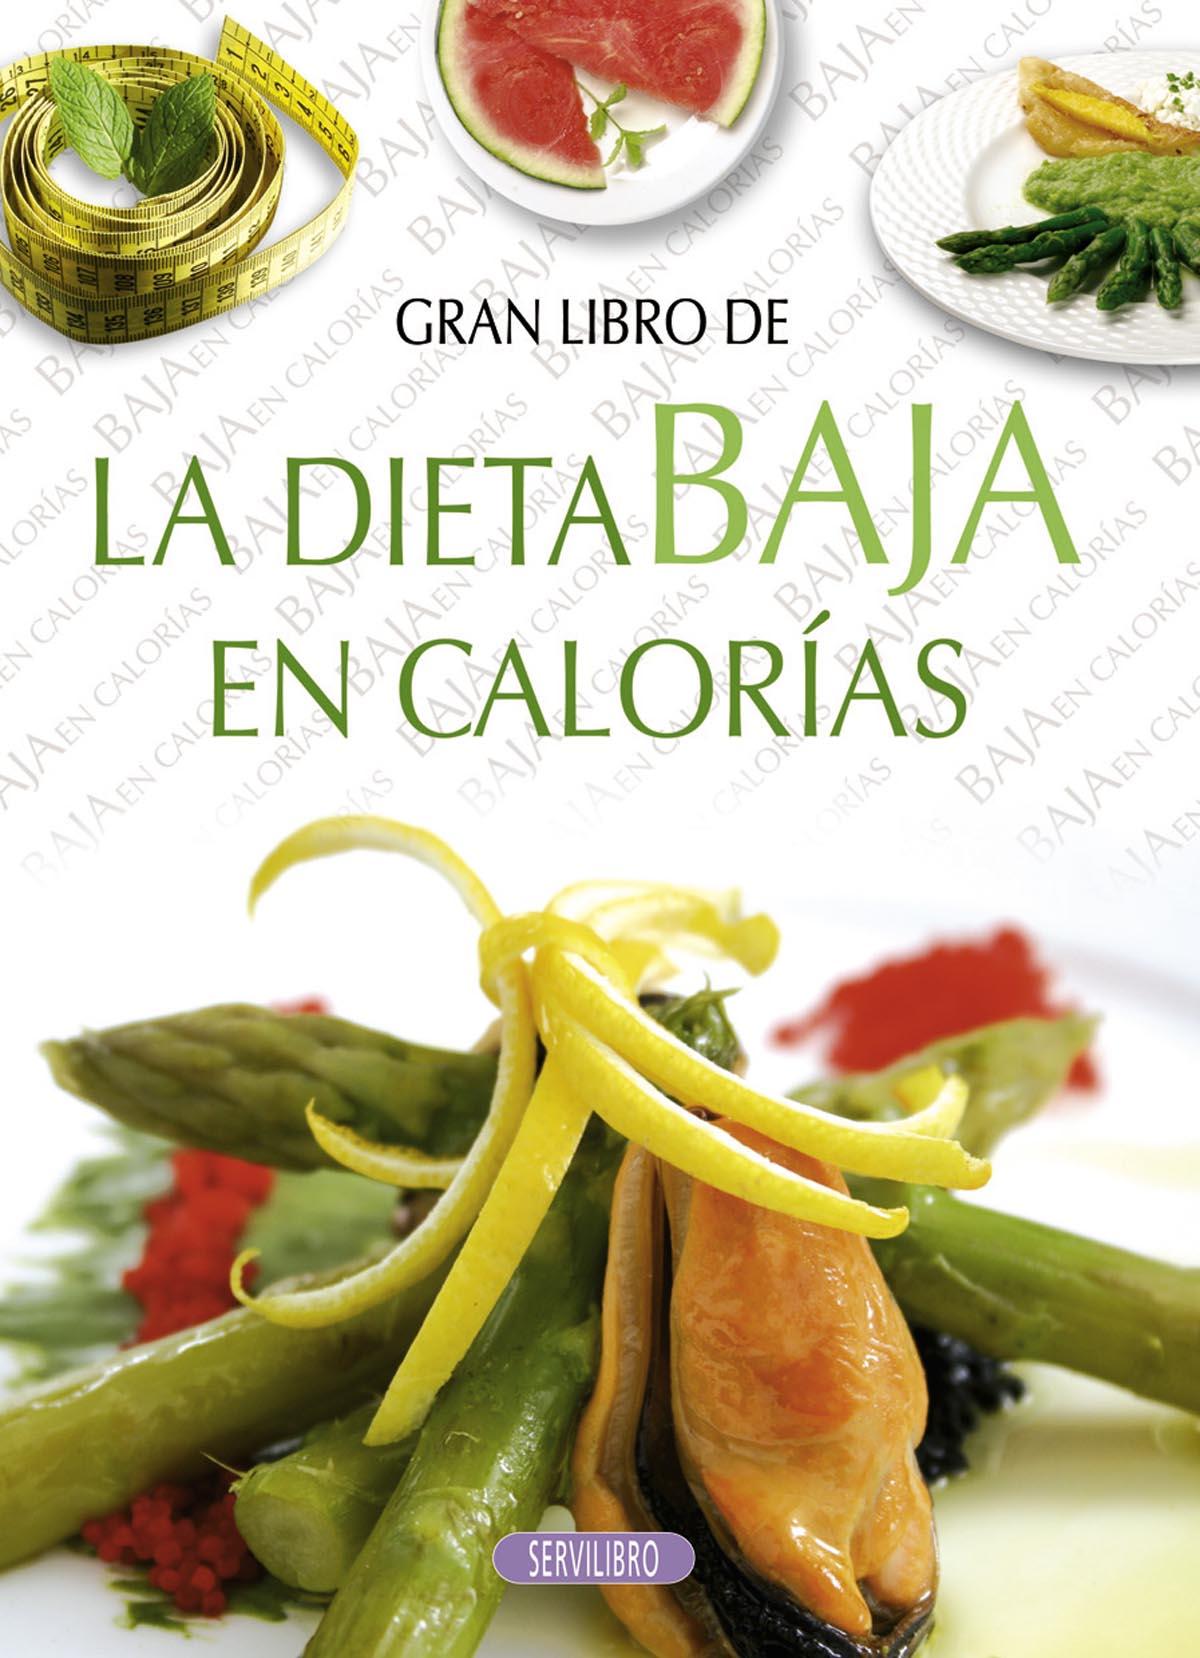 Dieta de bajas calorias dietas de nutricion y alimentos - Comidas sanas y bajas en calorias ...